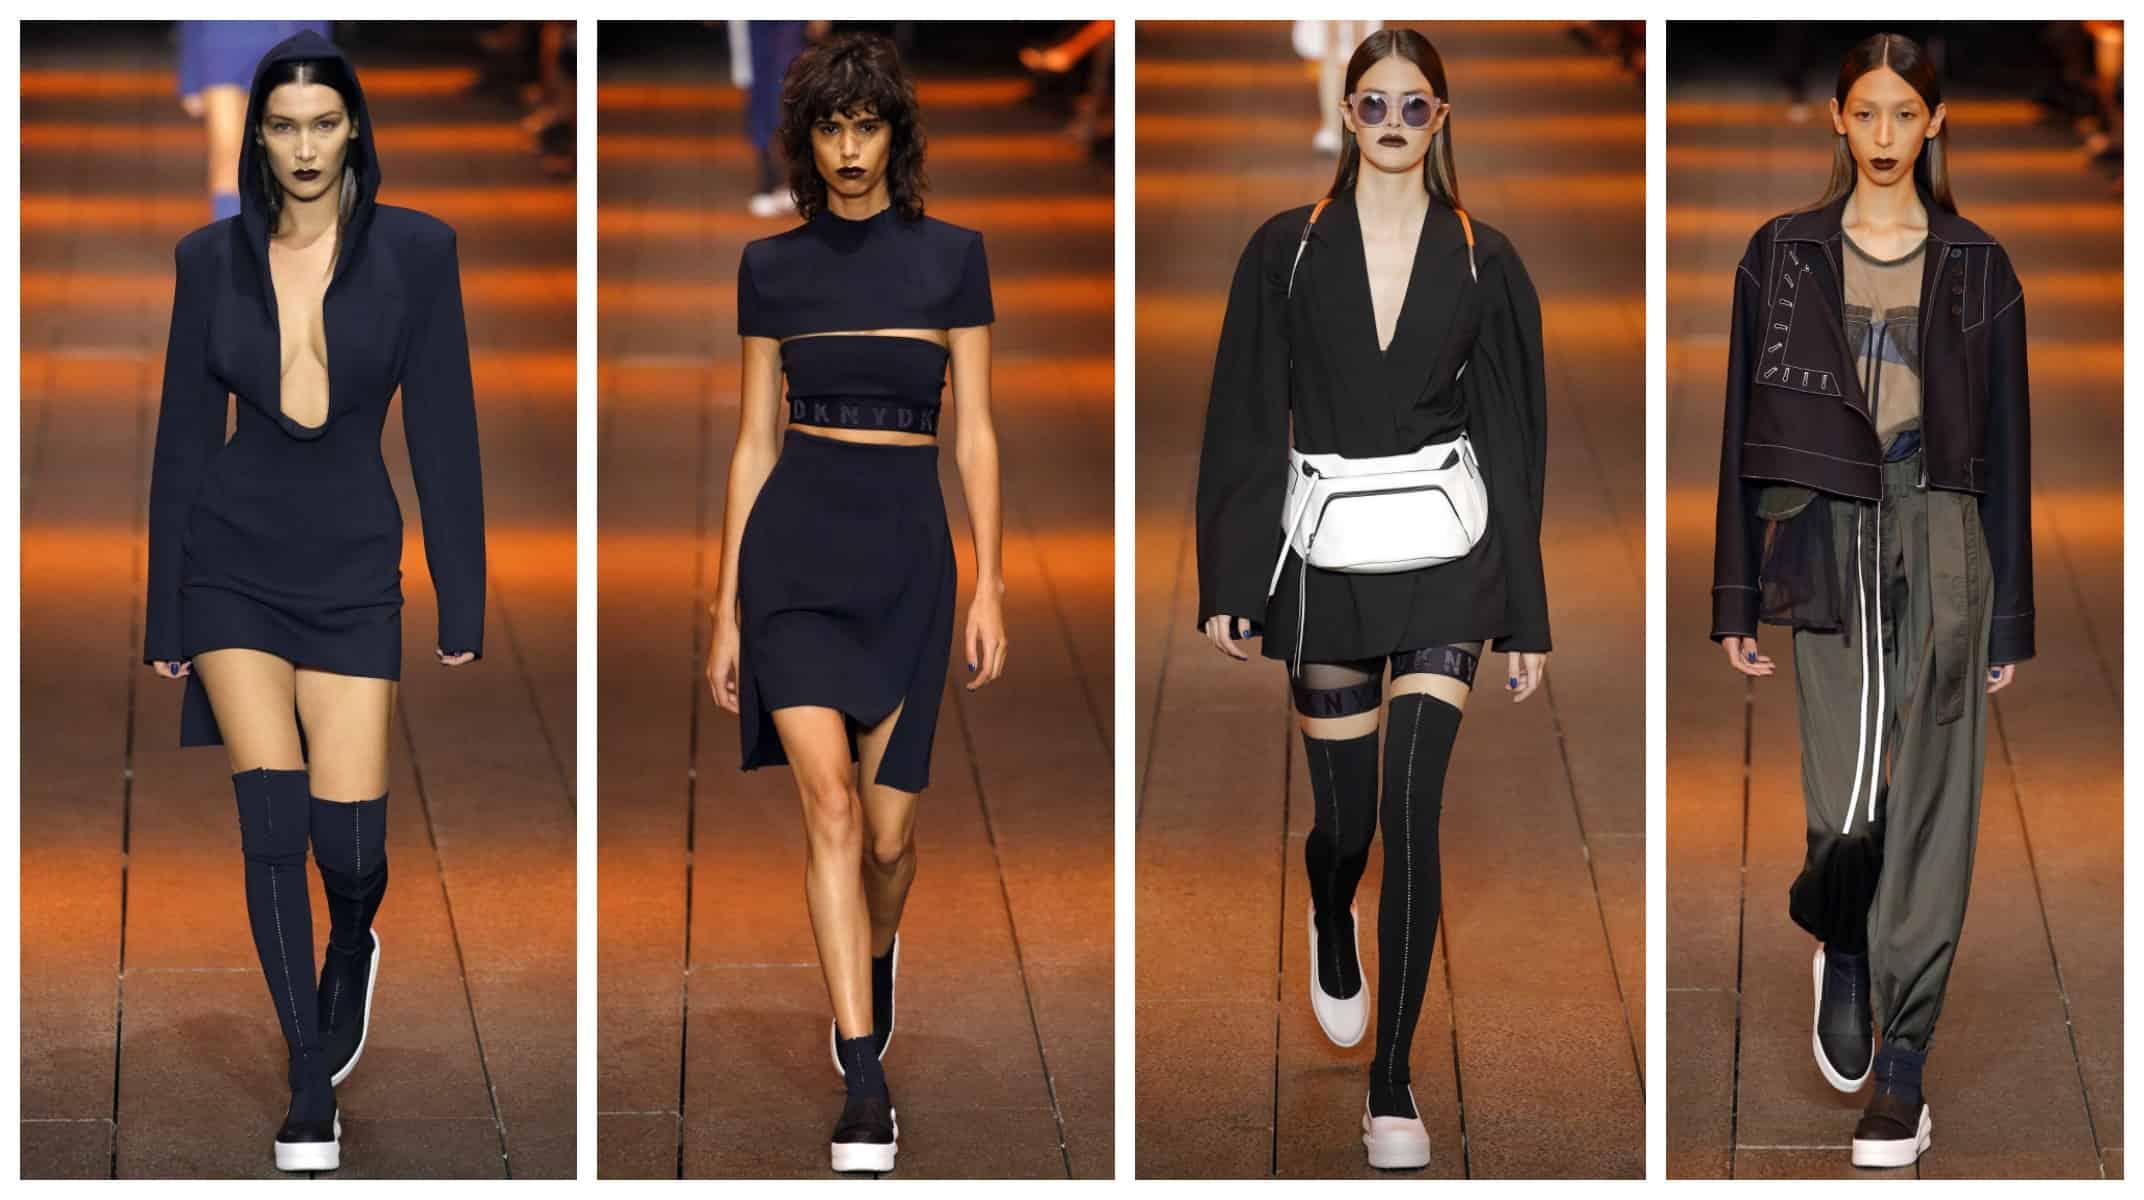 New York Fashion Week Spring 2017 - DKNY